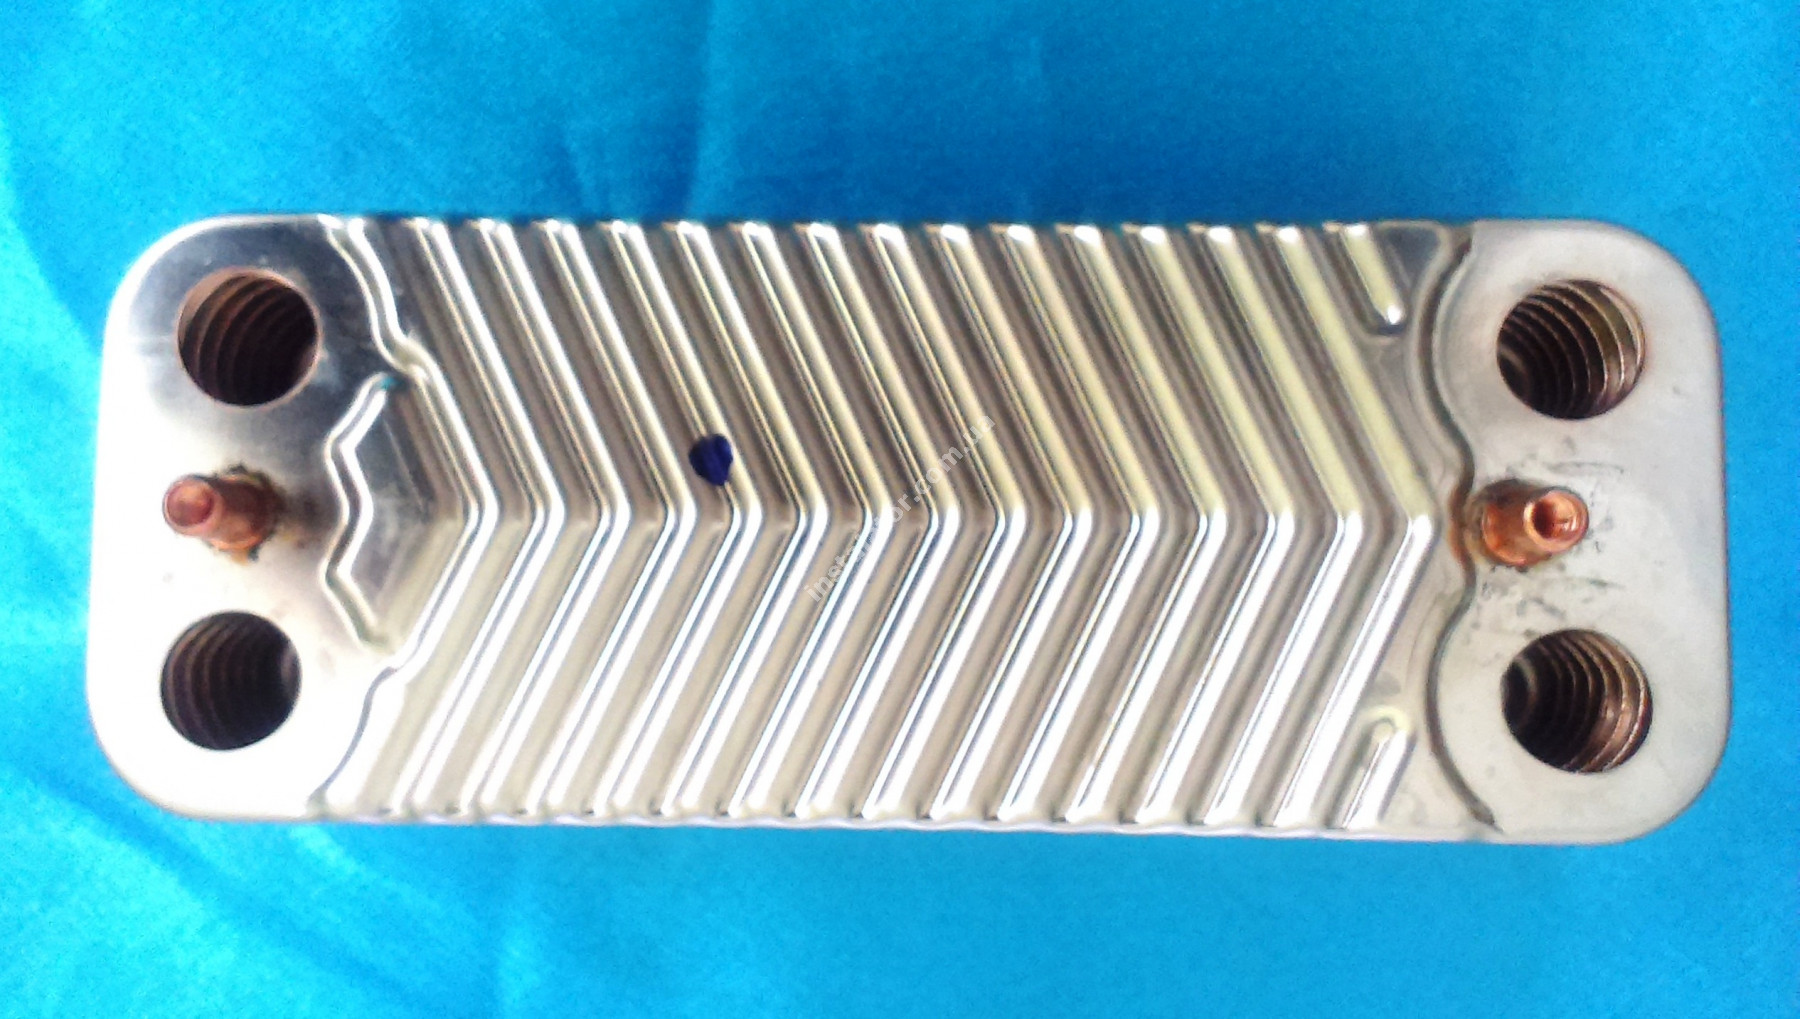 BI1001101 Теплообмінник ГВП Biasi BARVA, GARDA, RIVA COMPACT full-image-3